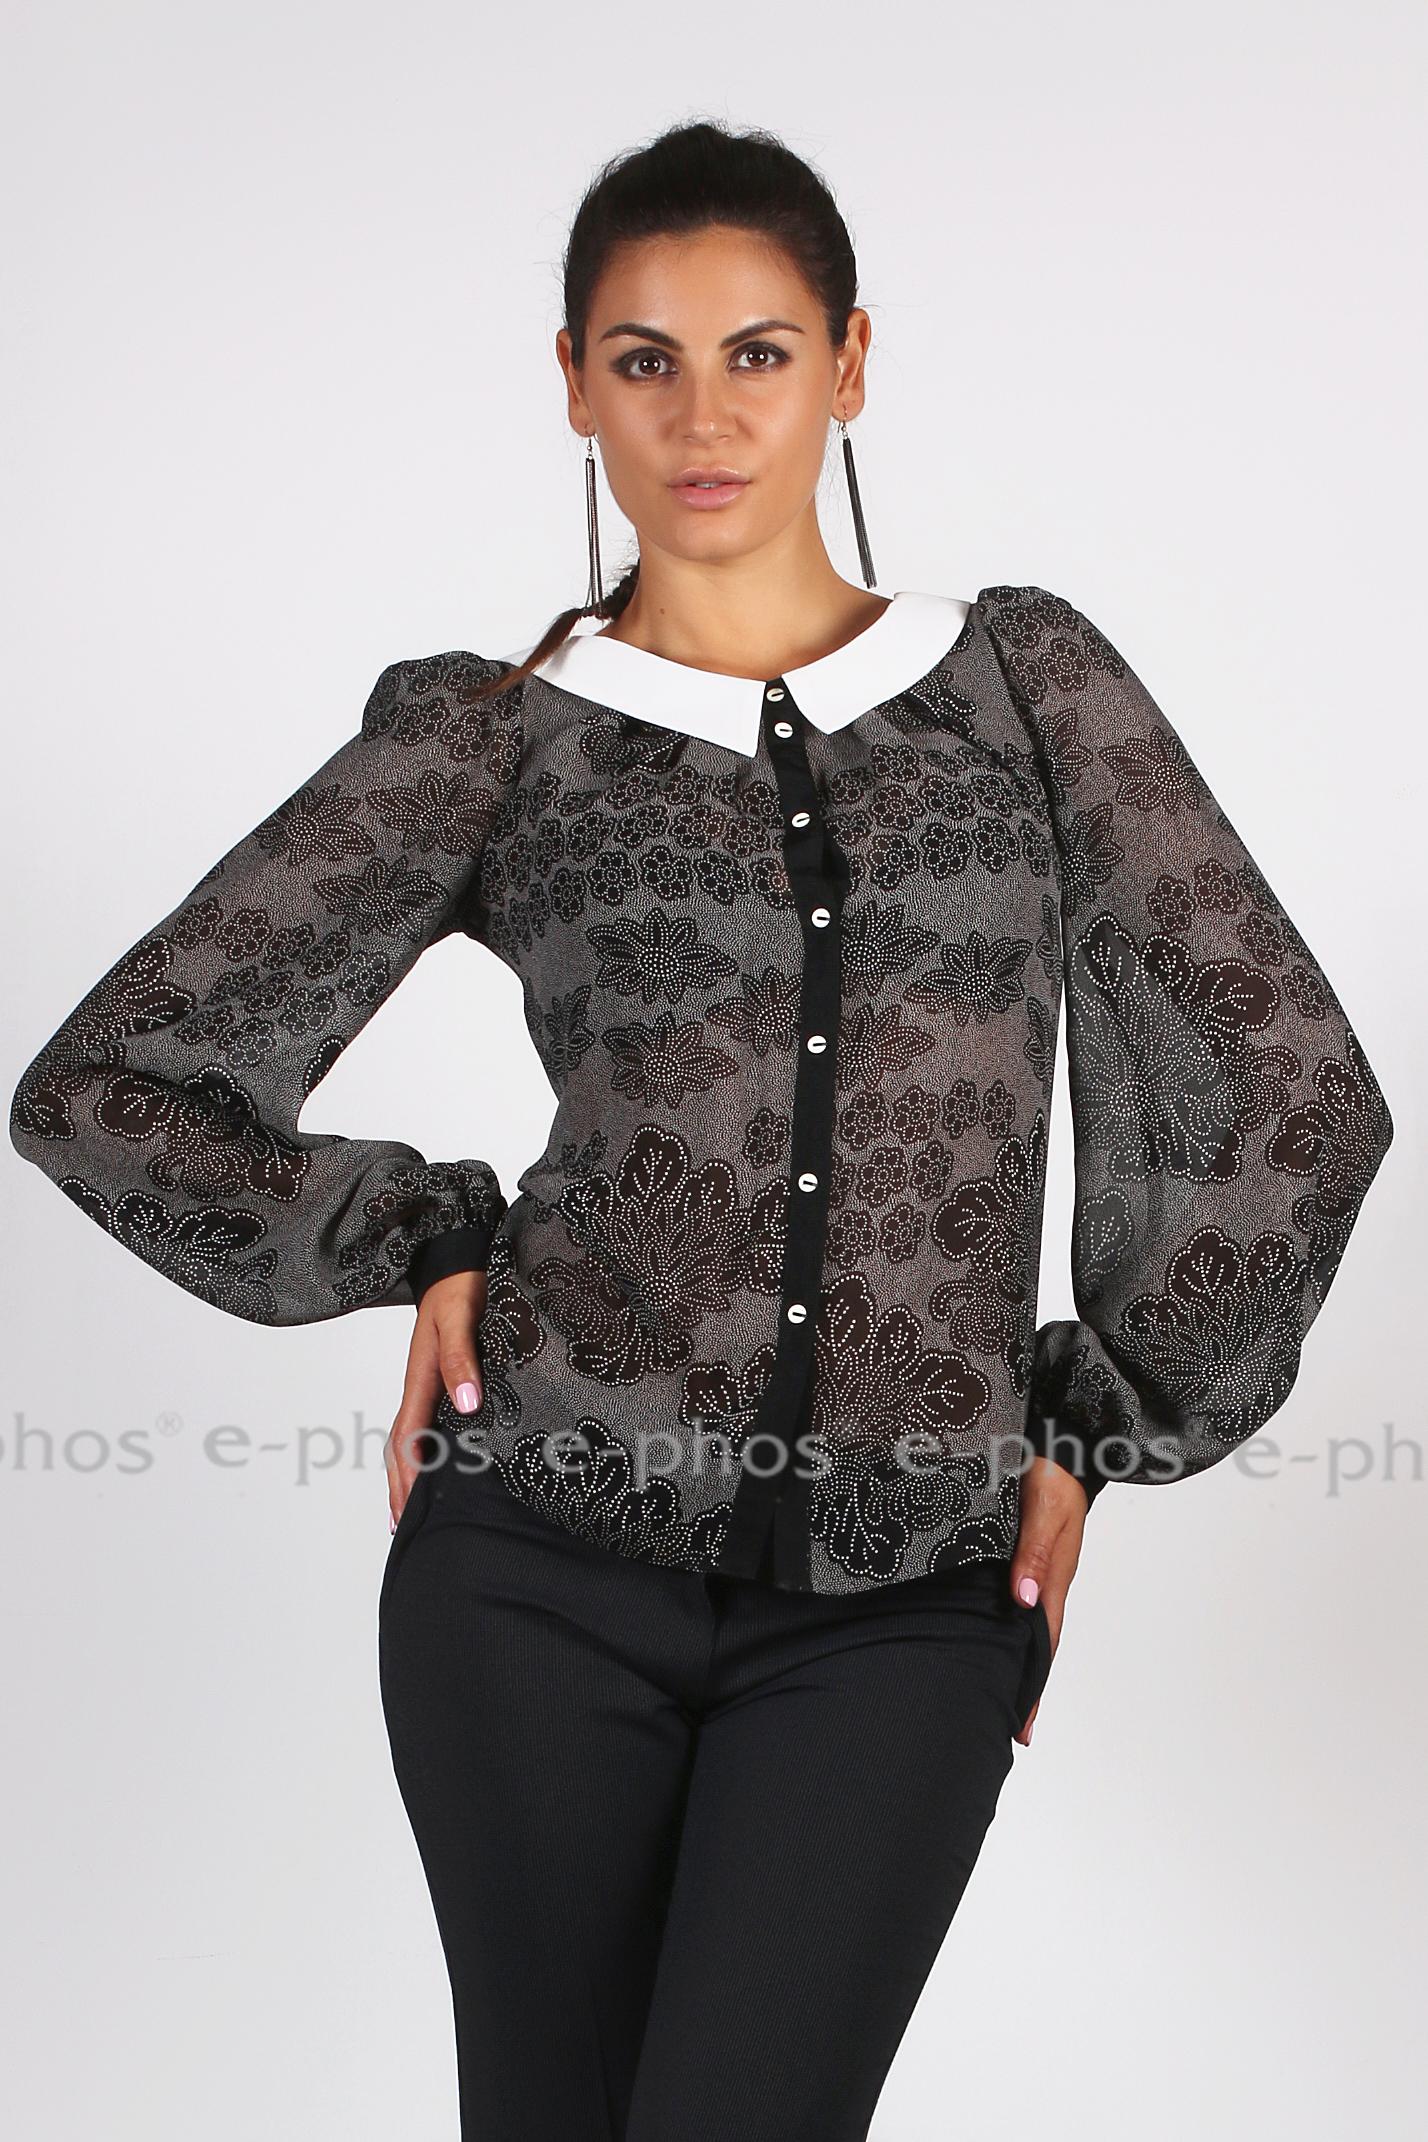 201f2c032cd Дамска риза с бяла яка - Ephos България - Онлайн магазин за уникални ...